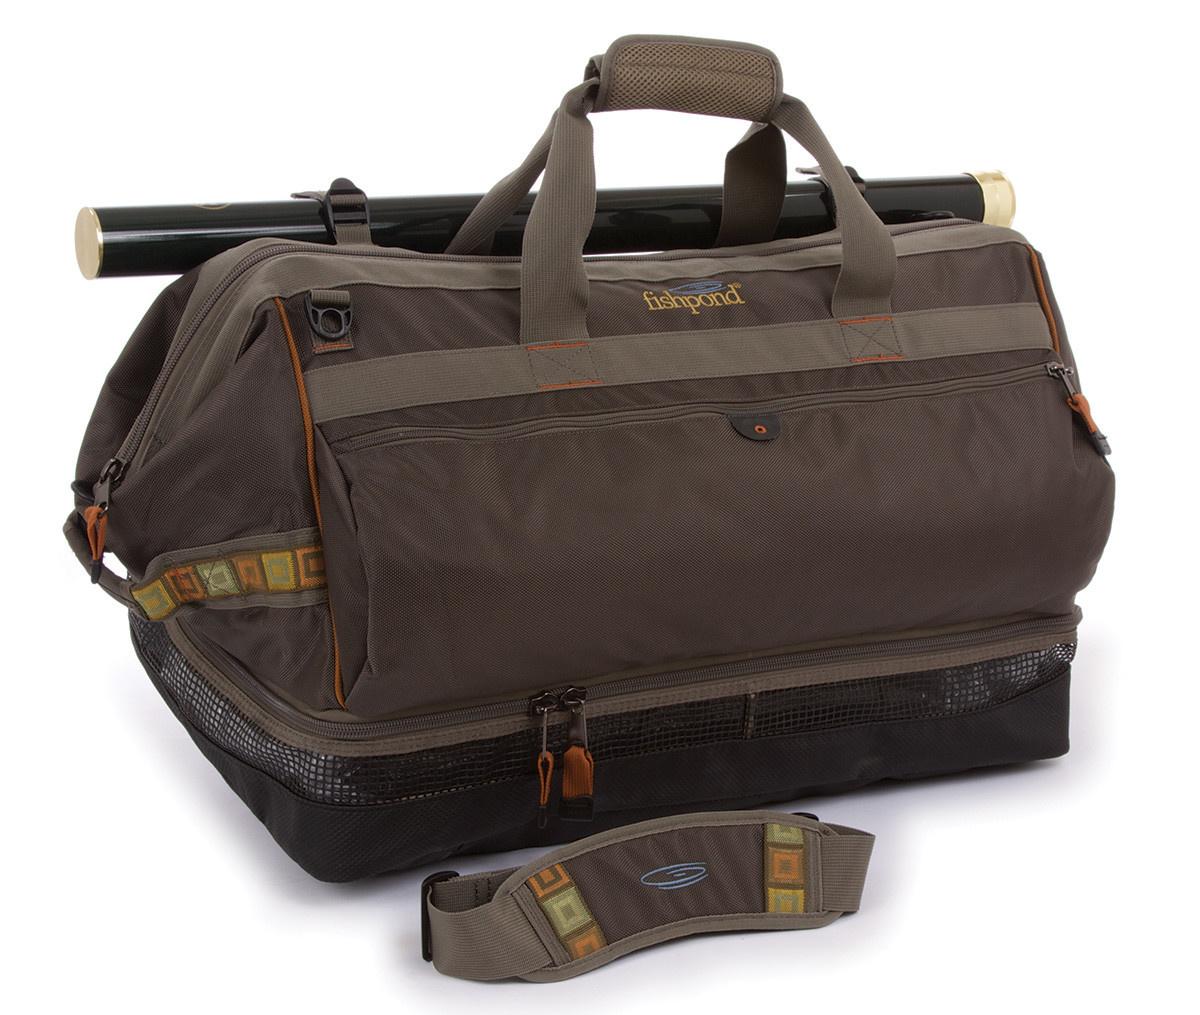 Fishpond Fishpond Cimarron Wader/Duffel Bag